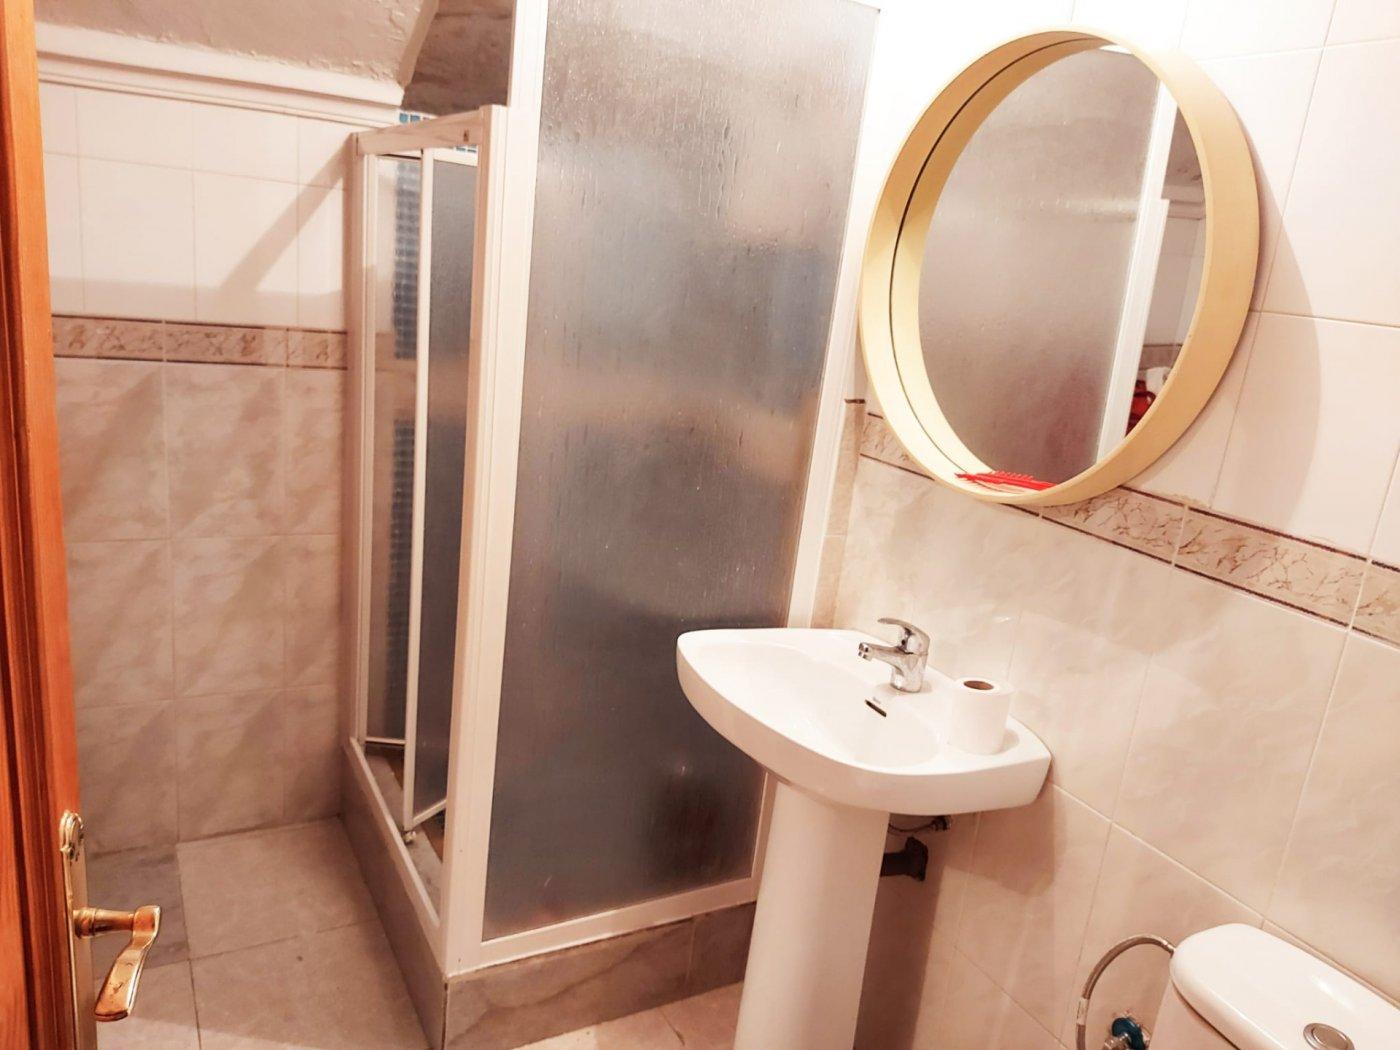 En venta espectacular casa o chalet en can carbonellell-sa cabana - imagenInmueble2